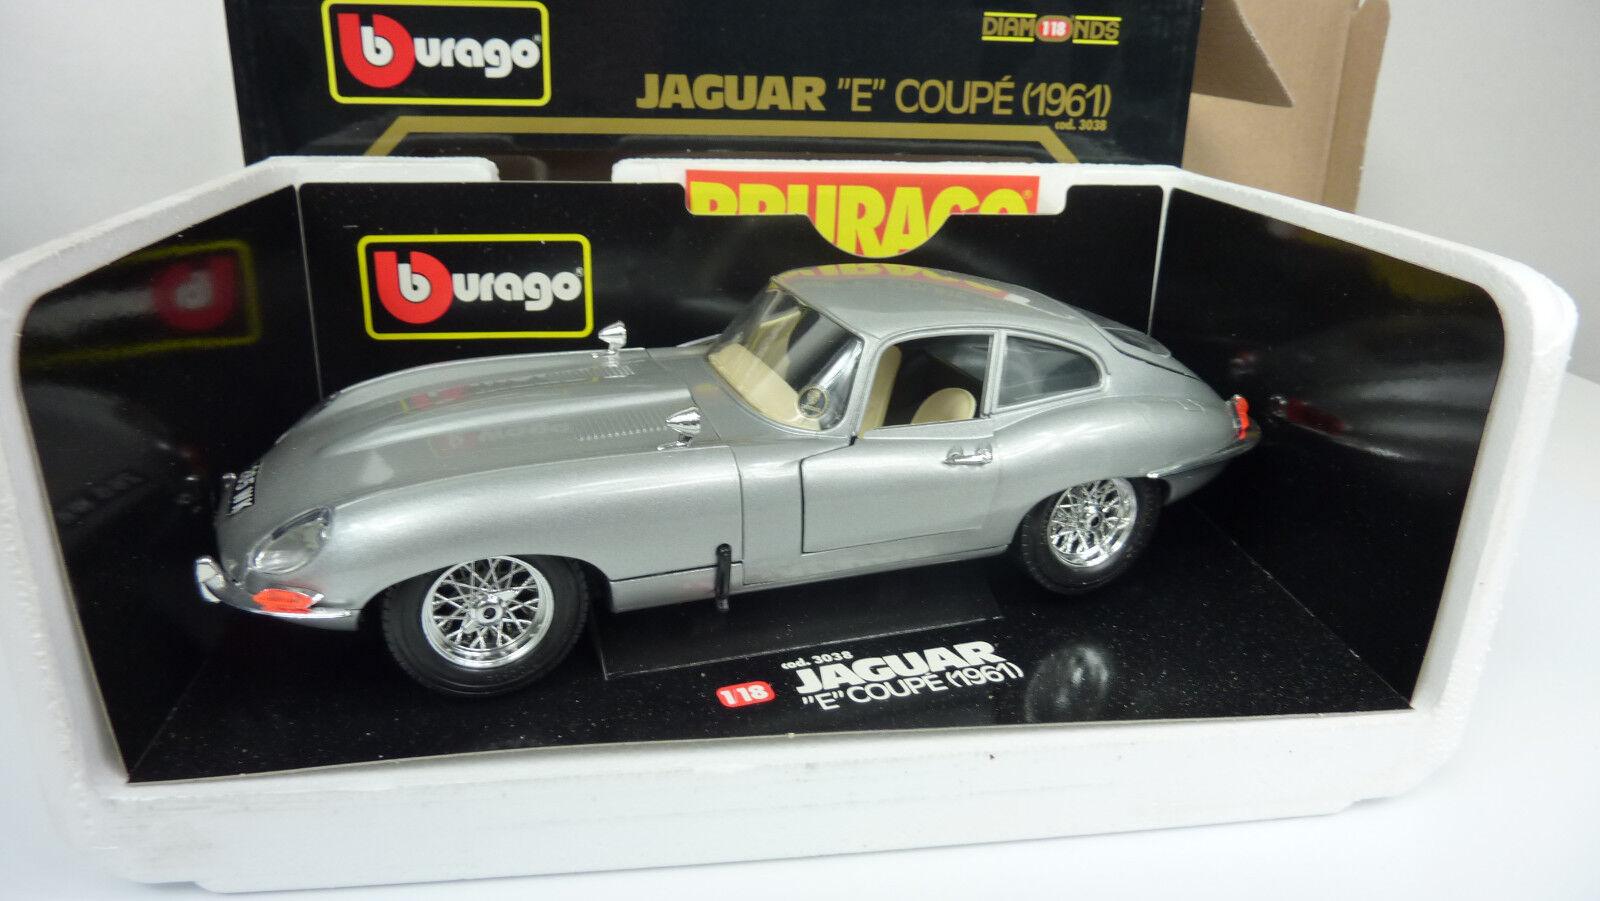 ventas en linea Burago 1 18 3038 jaguar    e  Coupe 1961 véase imágenes (a13)  nueva gama alta exclusiva